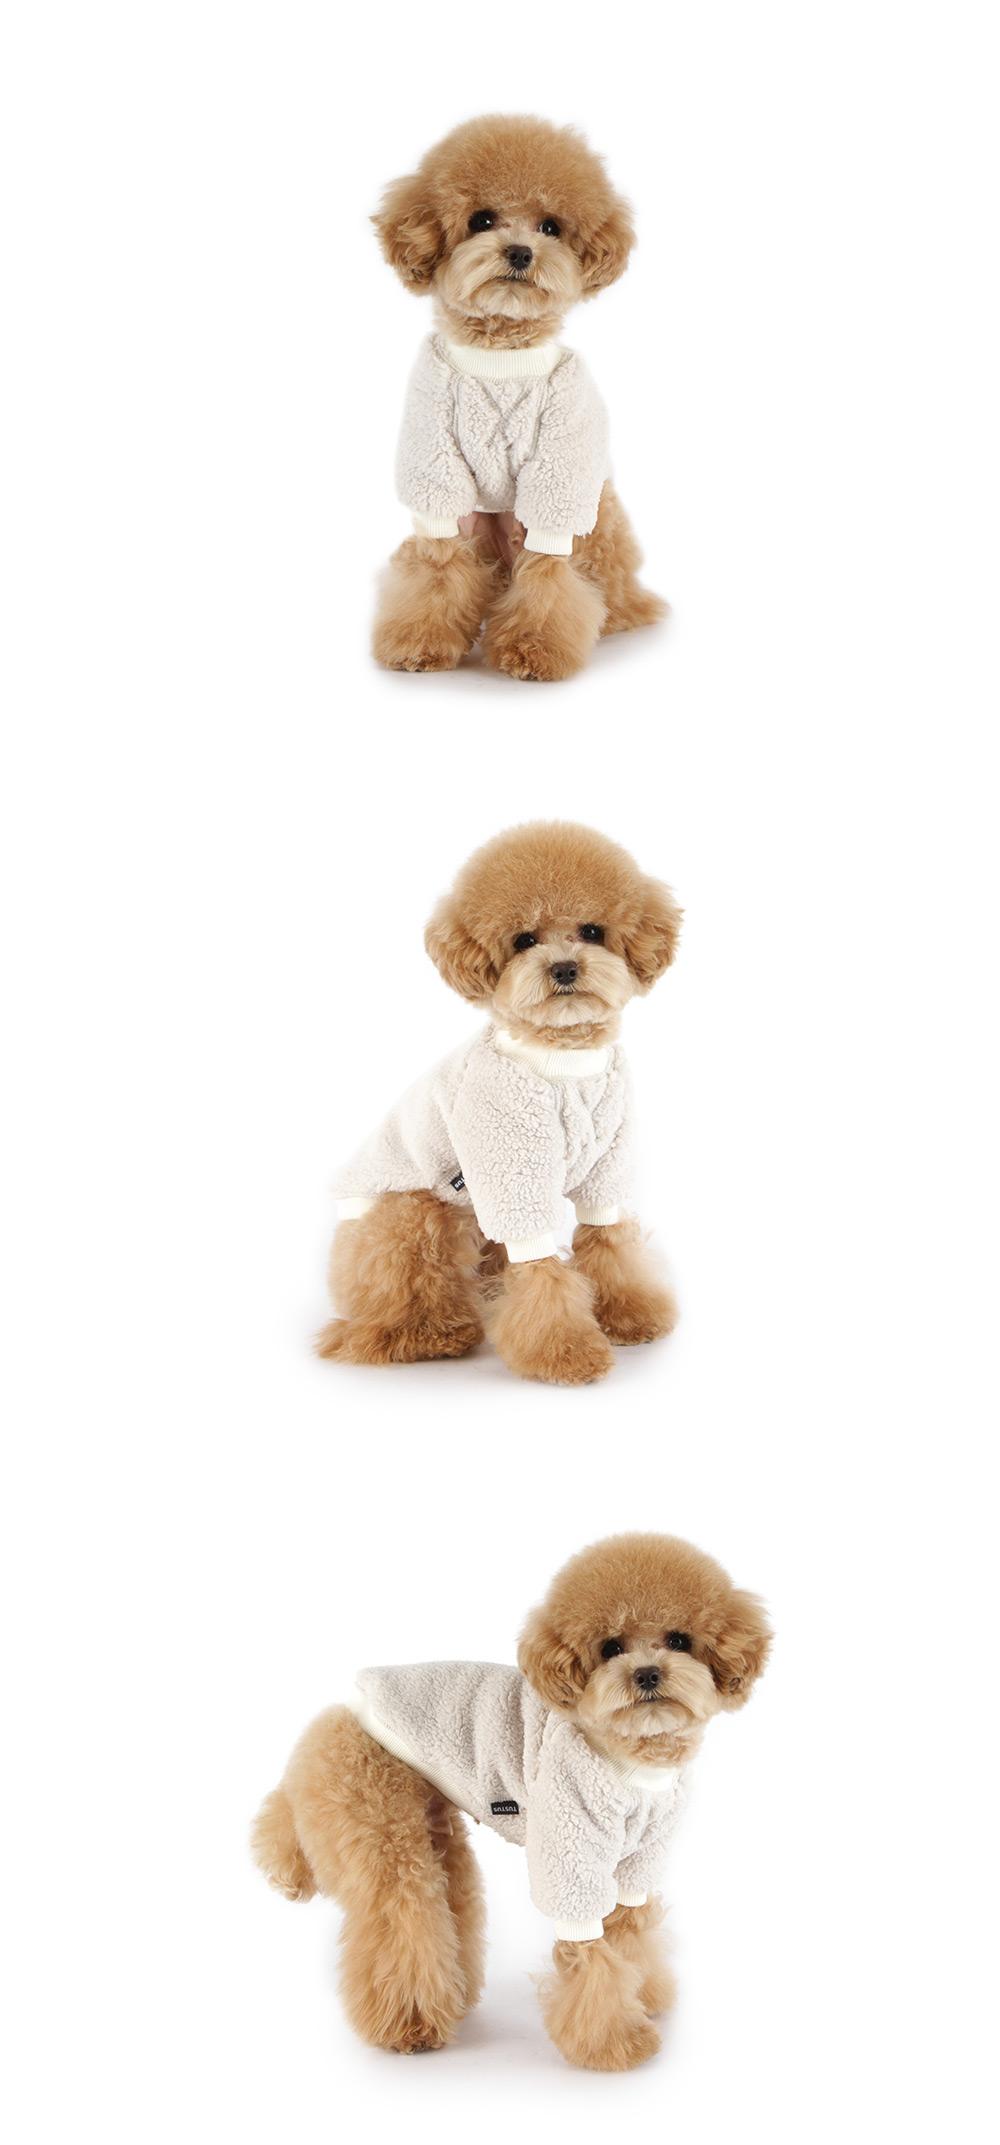 강아지 겨울옷 맨투맨 - 아이보리29,000원-투스투스펫샵, 강아지용품, 의류/액세서리, 의류바보사랑강아지 겨울옷 맨투맨 - 아이보리29,000원-투스투스펫샵, 강아지용품, 의류/액세서리, 의류바보사랑